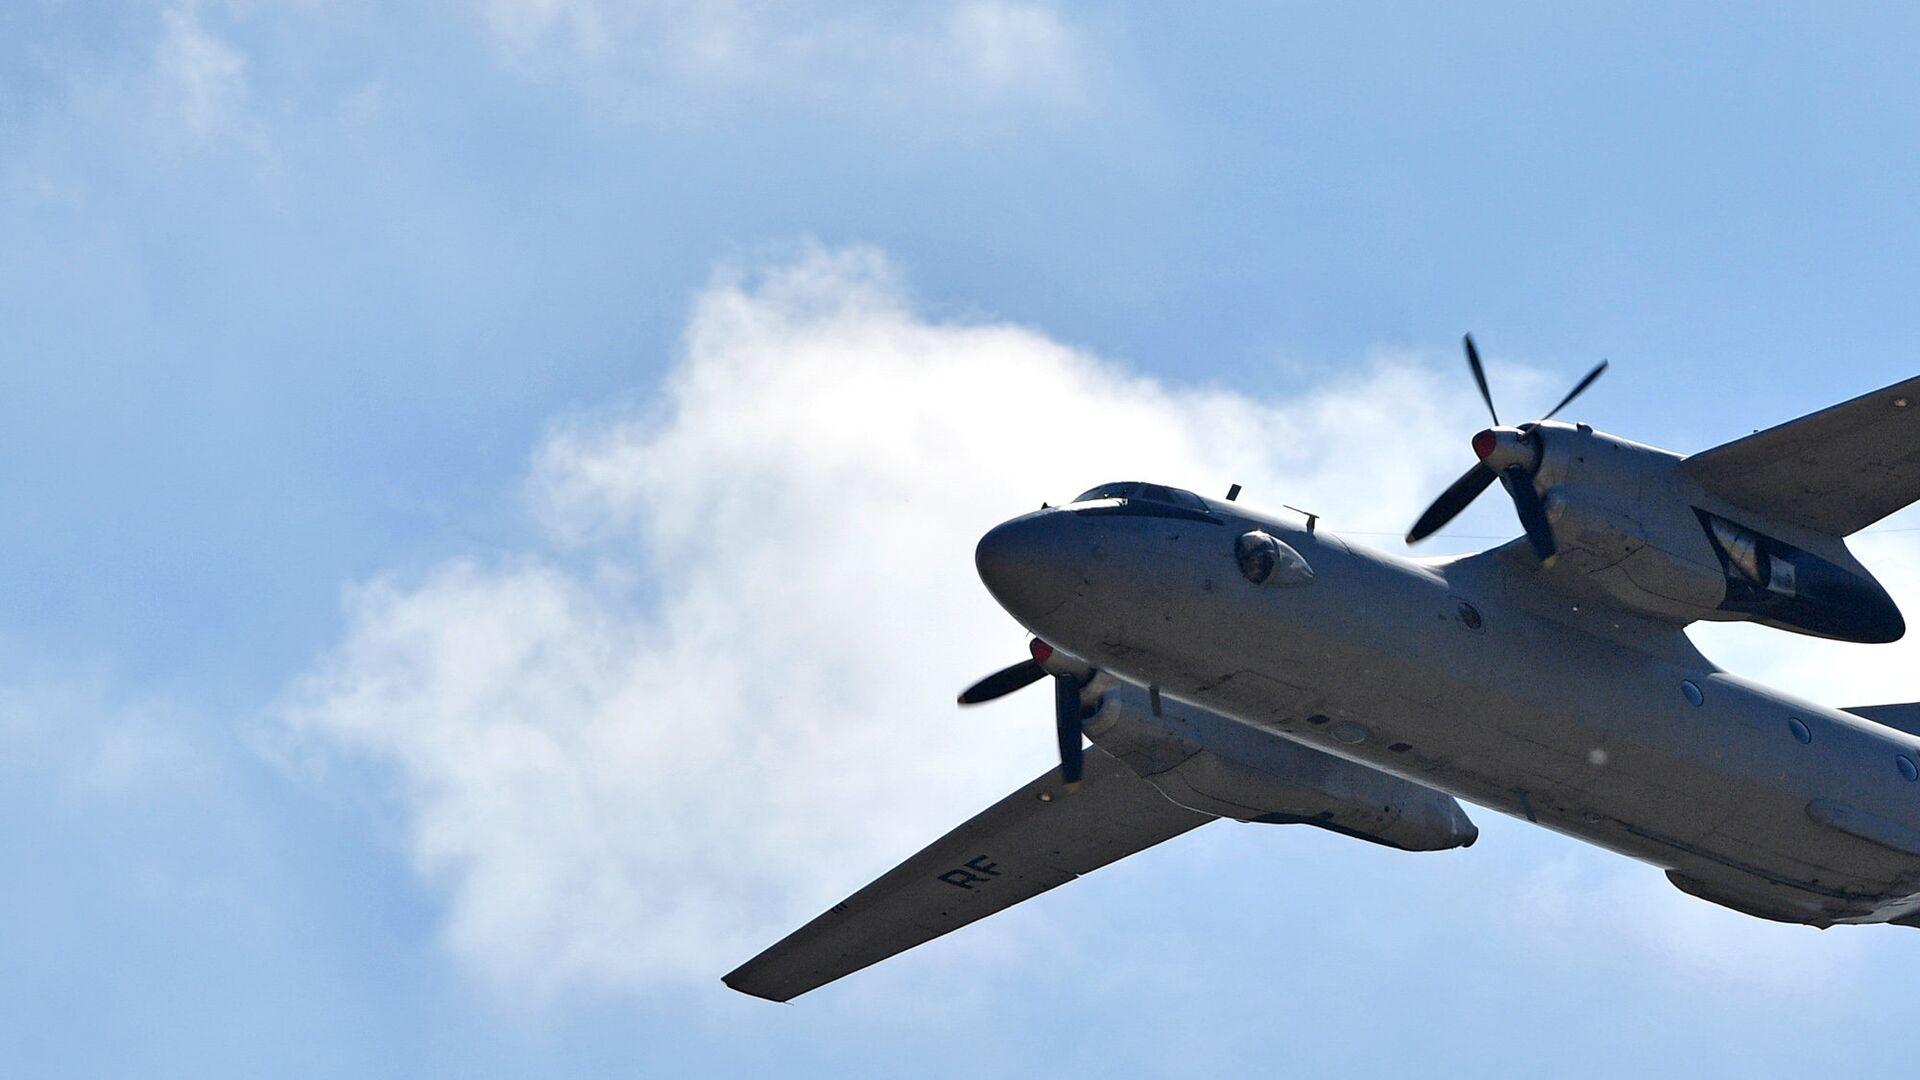 Военно-транспортный самолет Ан-26 - РИА Новости, 1920, 06.07.2021